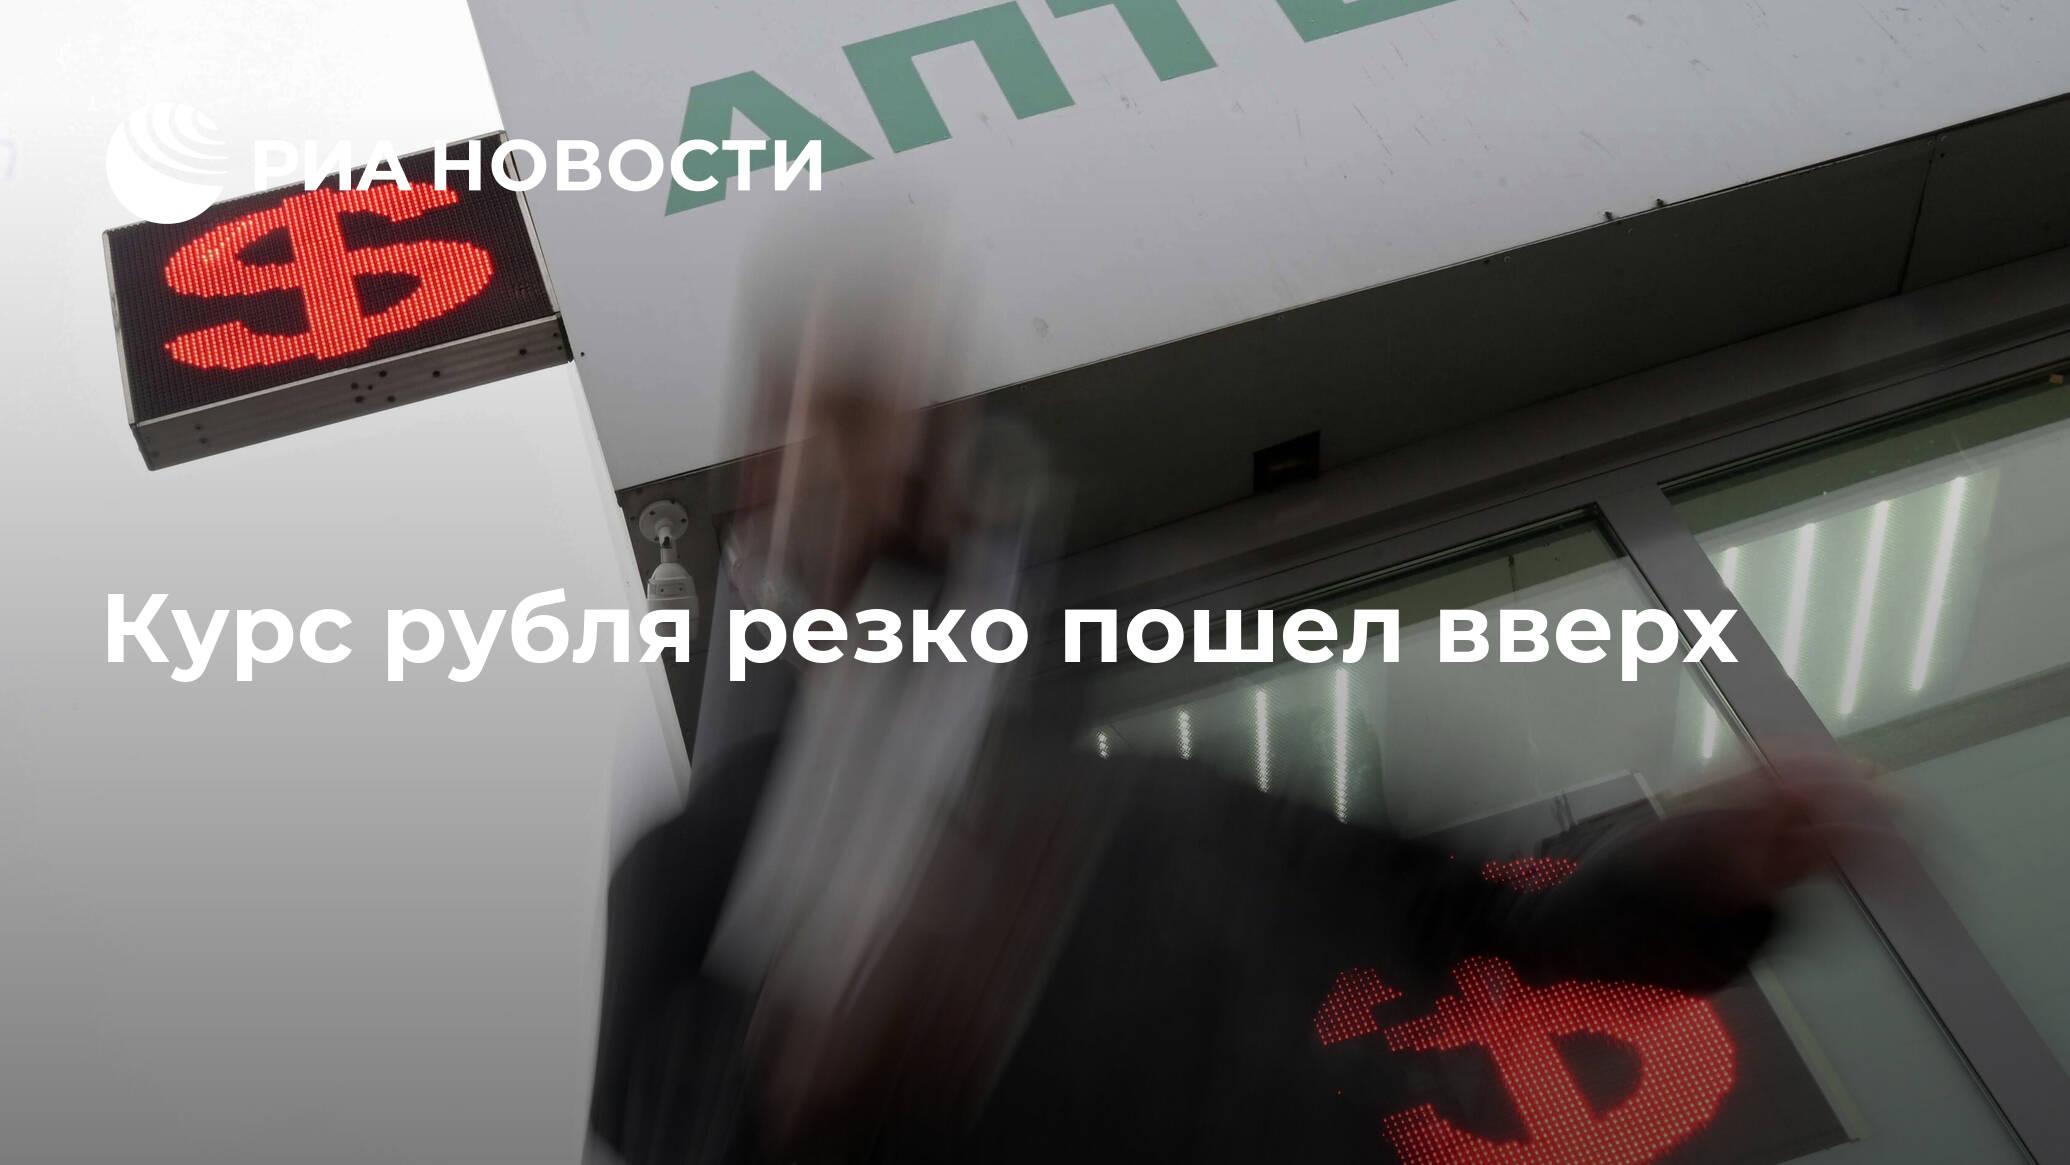 Курс рубля резко пошел вверх - РИА НОВОСТИ